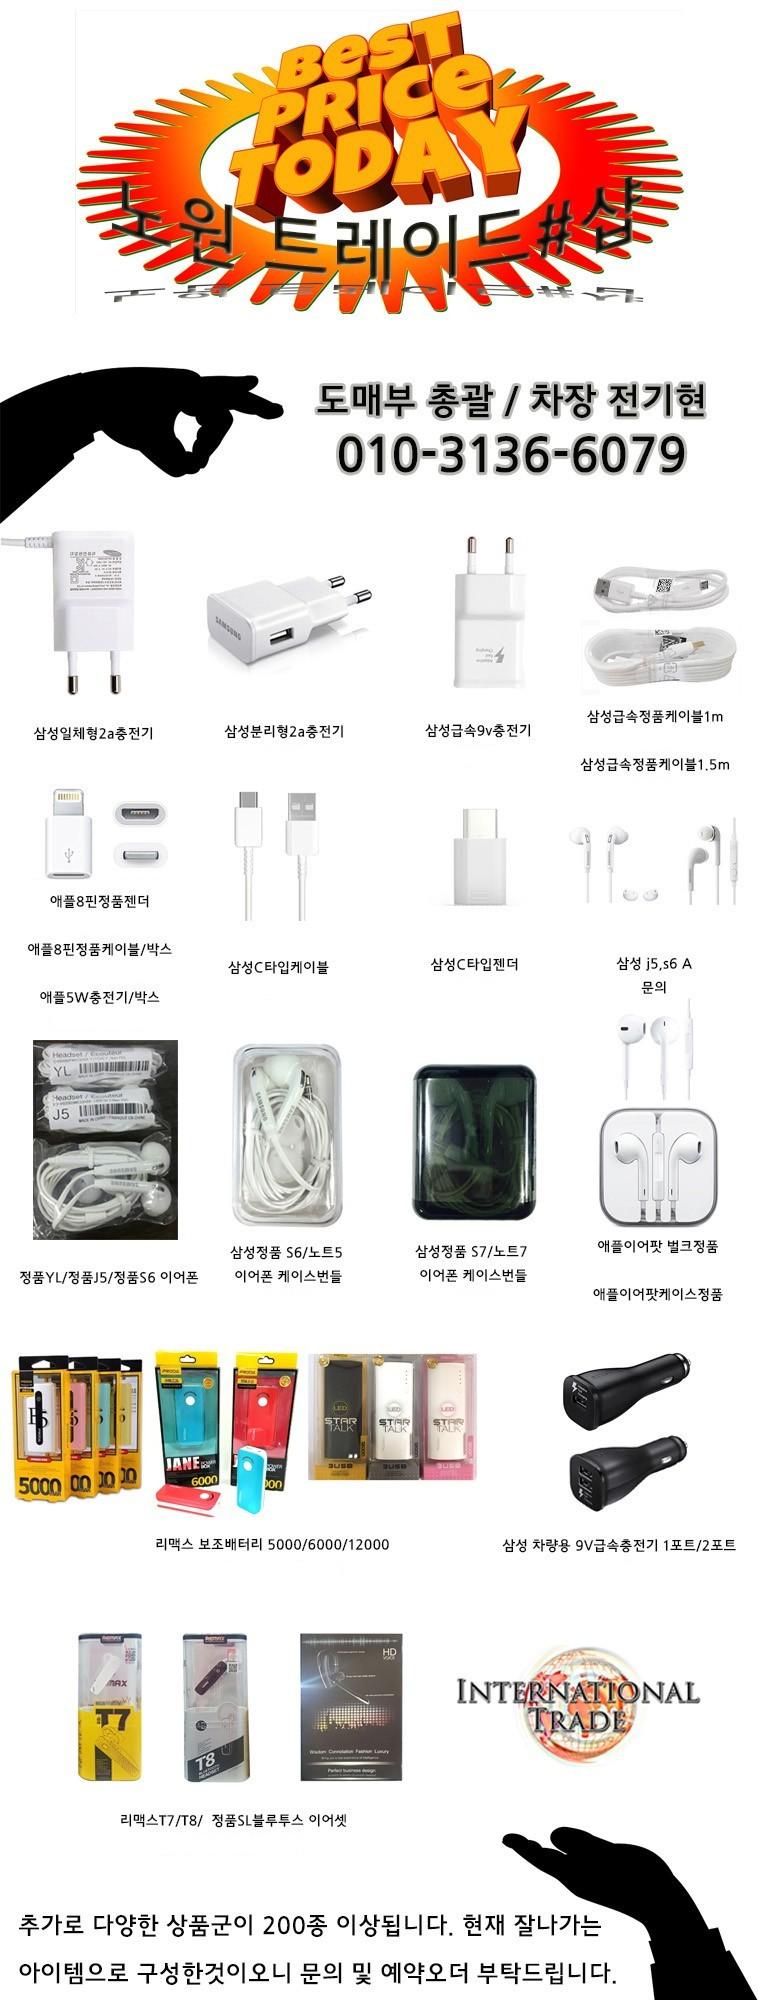 삼성, 애플 충전기및 이어폰 각종악세사리 도매최저가!!!!!!!!!노원트레이드샵!!샵!!샵!!